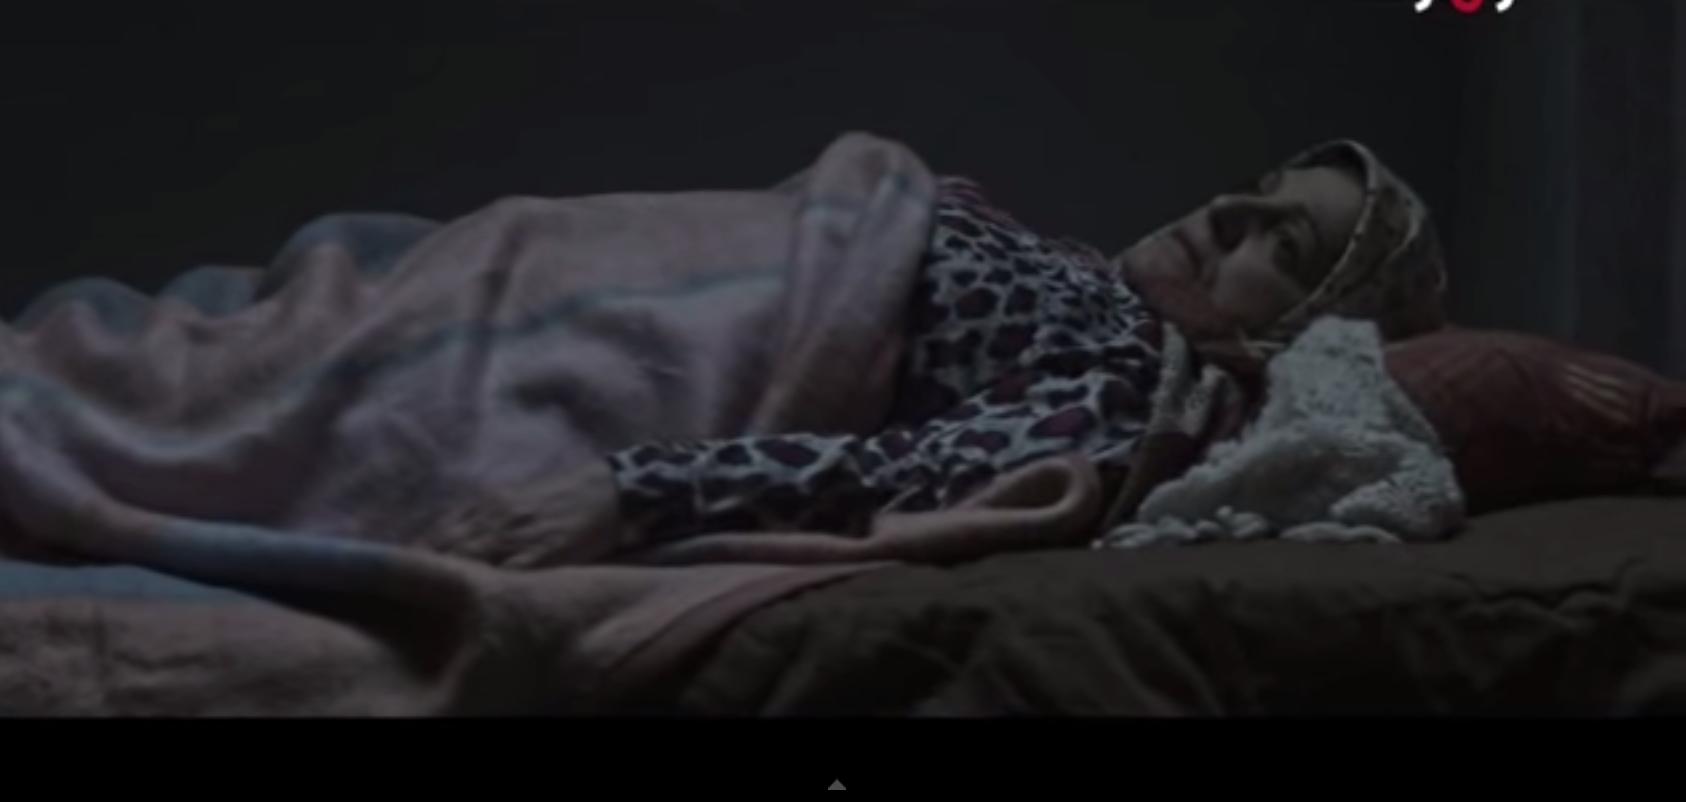 فاتن شاهين في دور أم إيهاب، مسلسل غداً نلتقي. الصورة: عن موقع يوتيوب